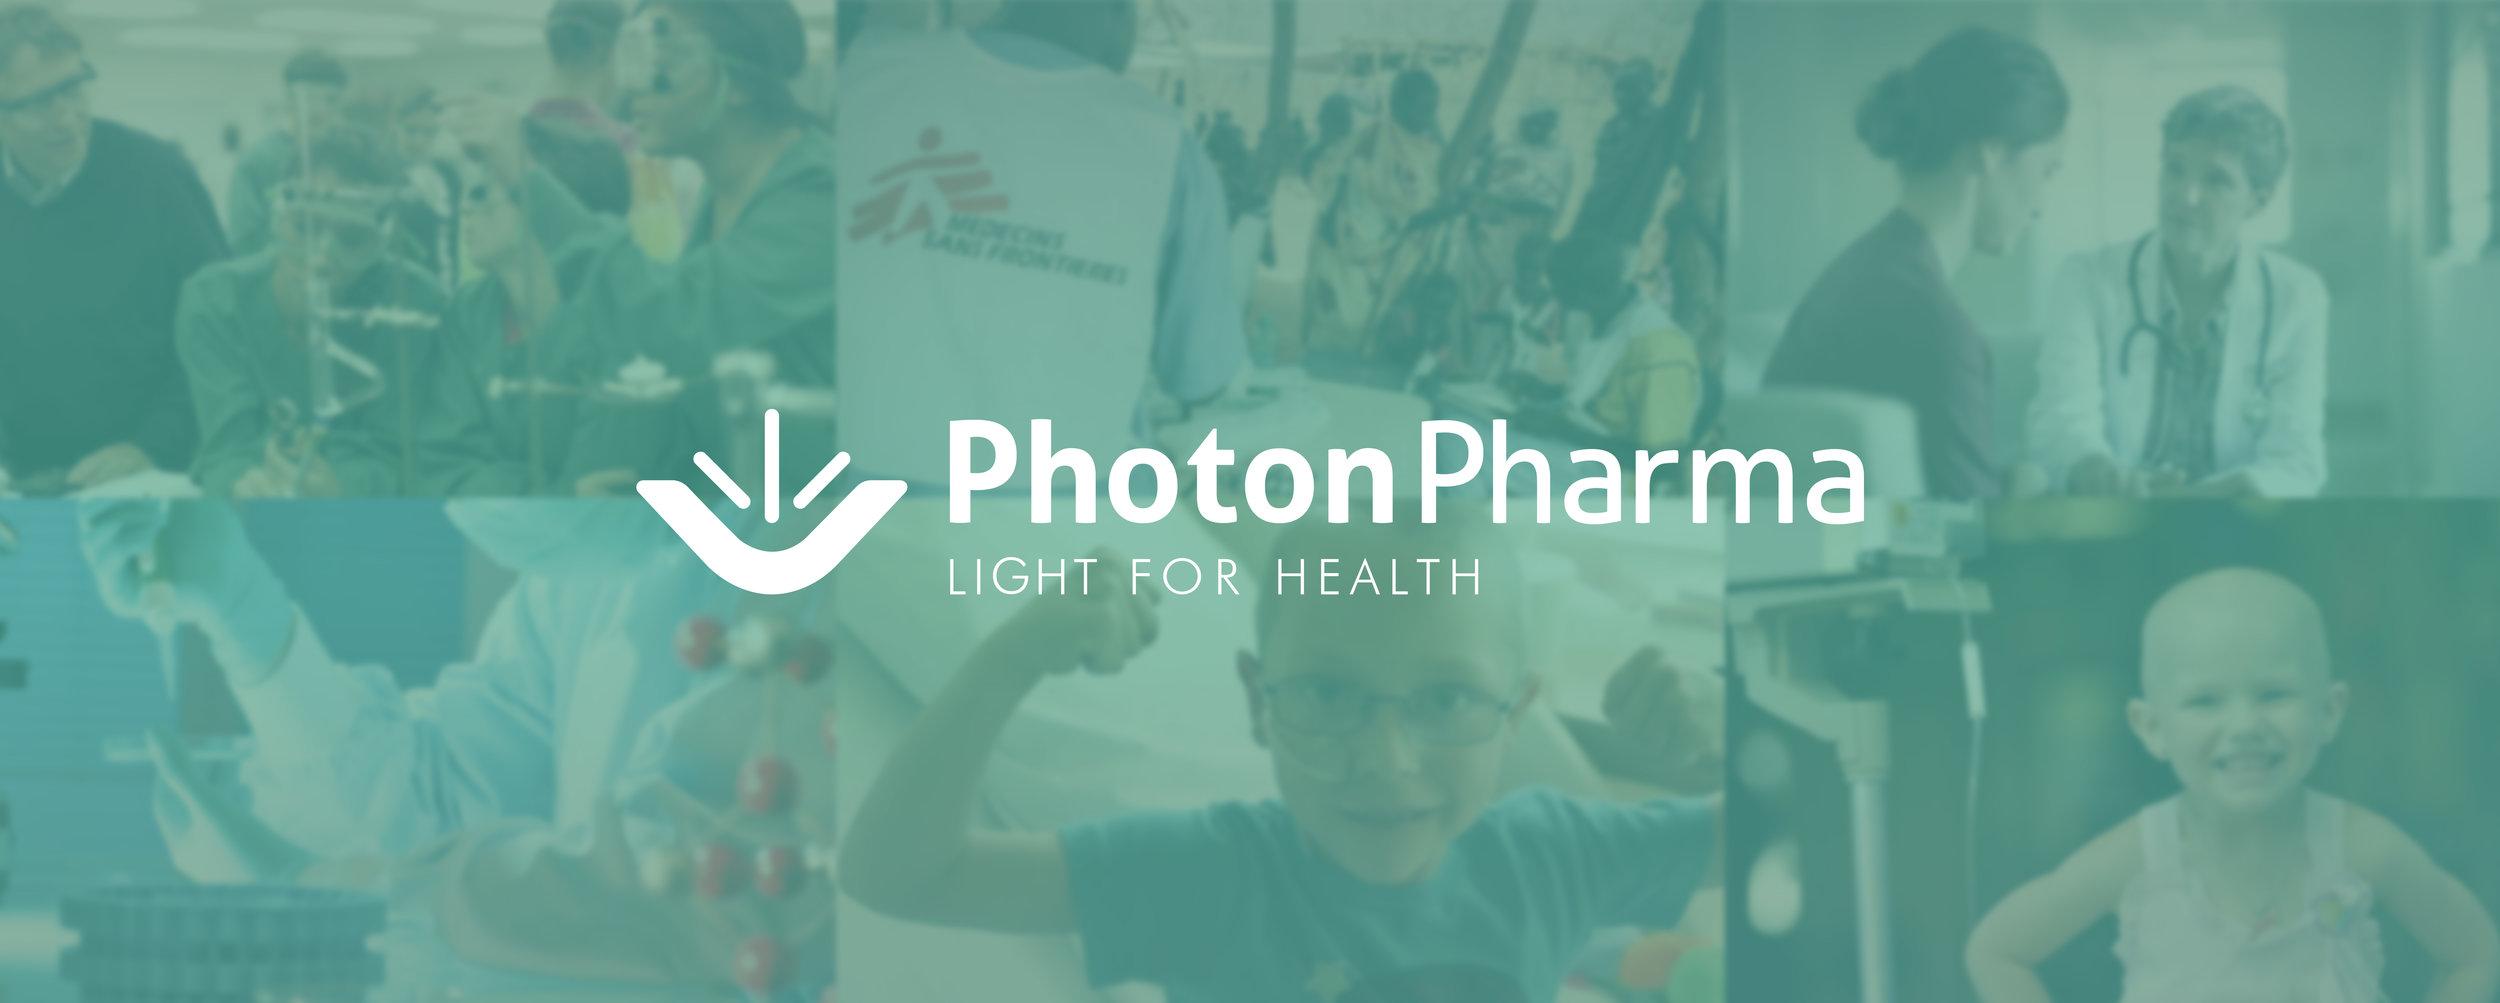 PhotonPharma_02.jpg